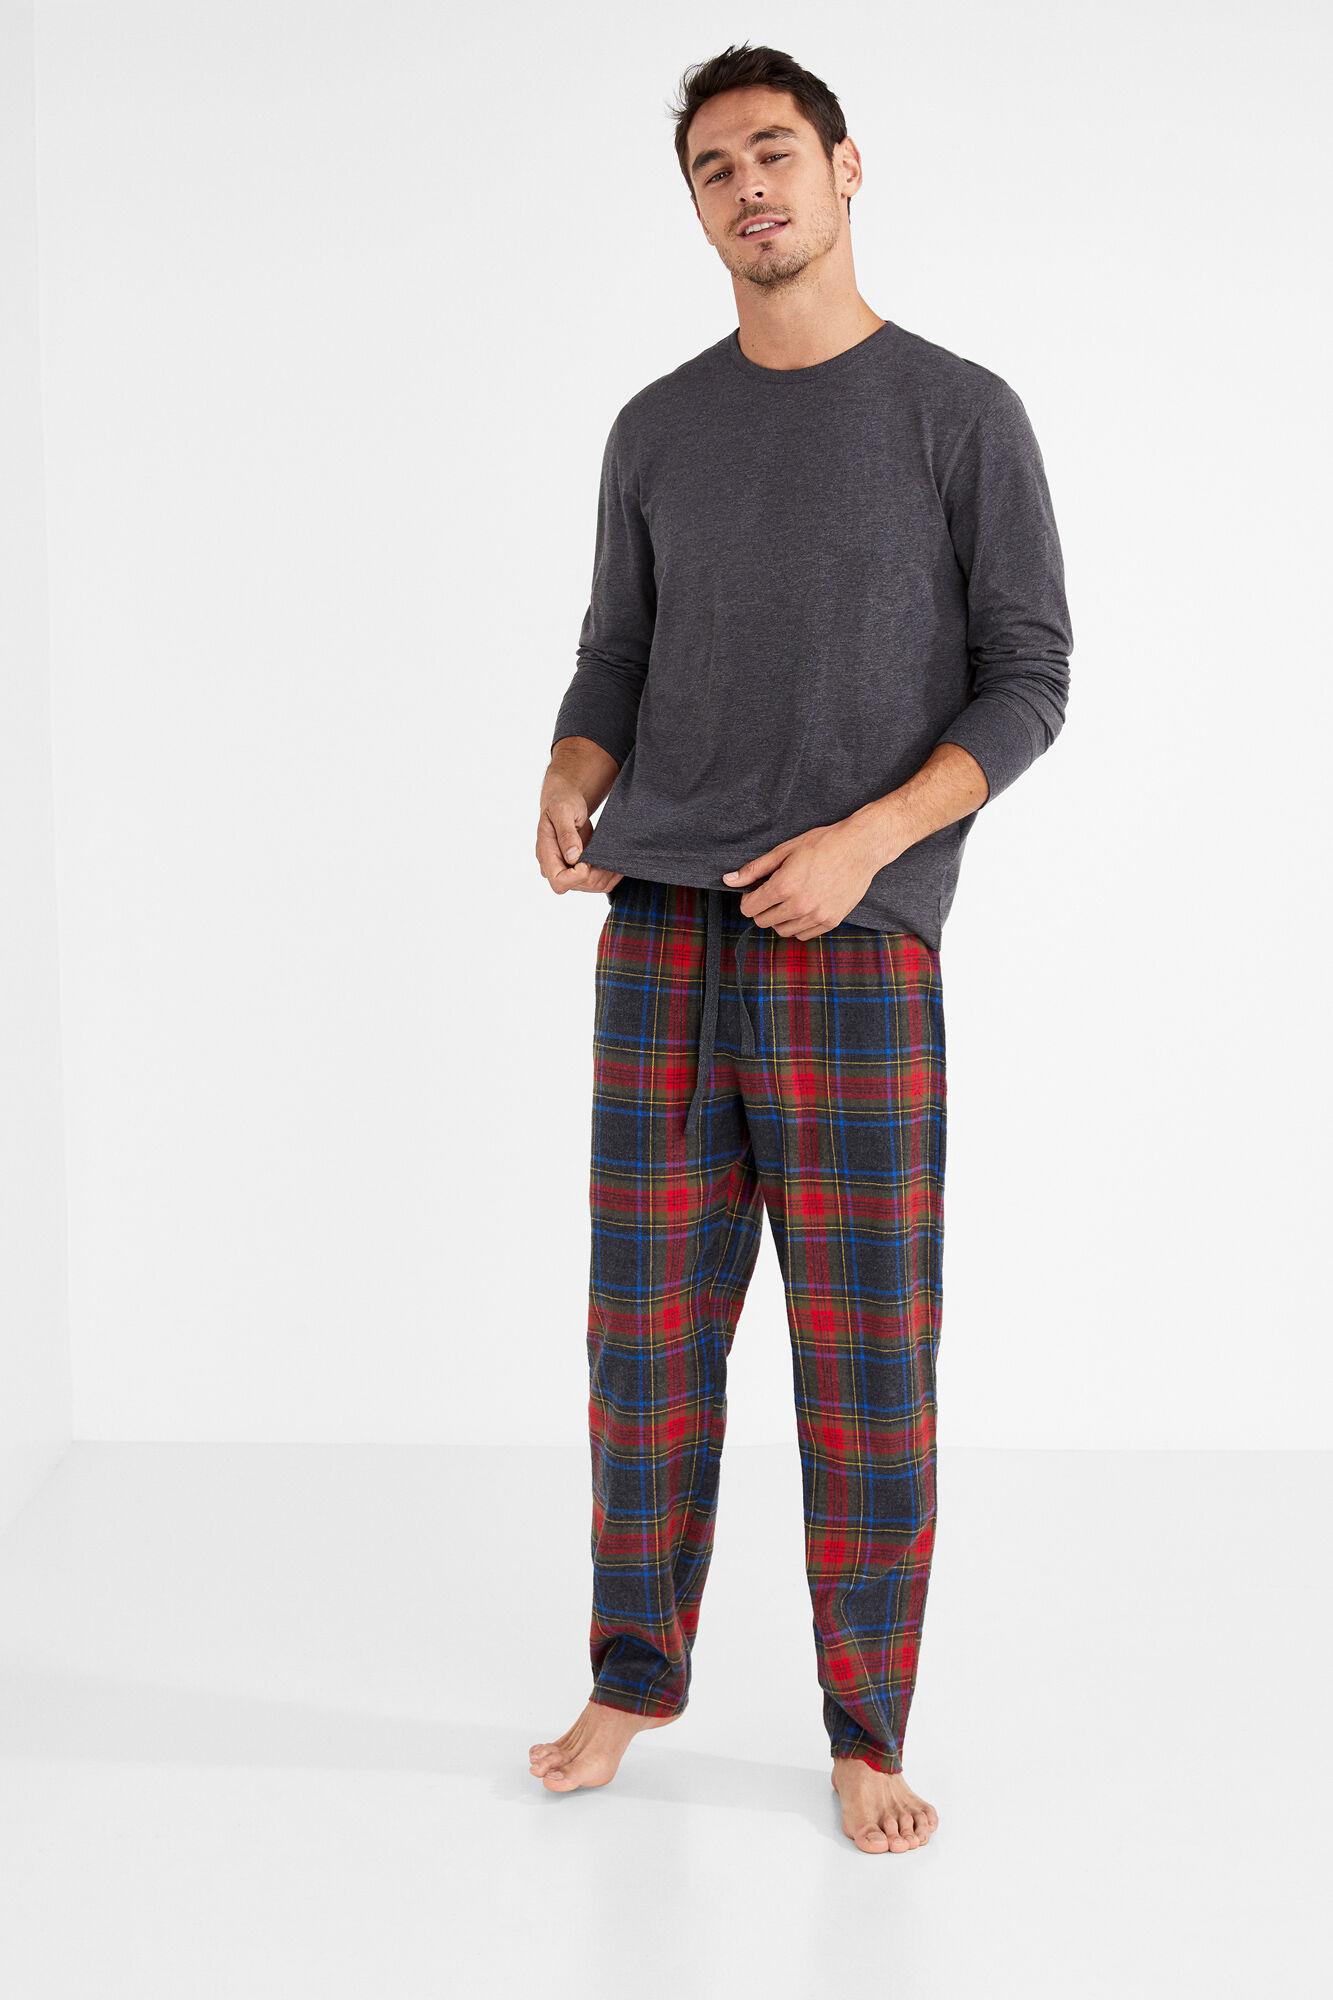 7cbc890944 Pijama largo algodón para hombre